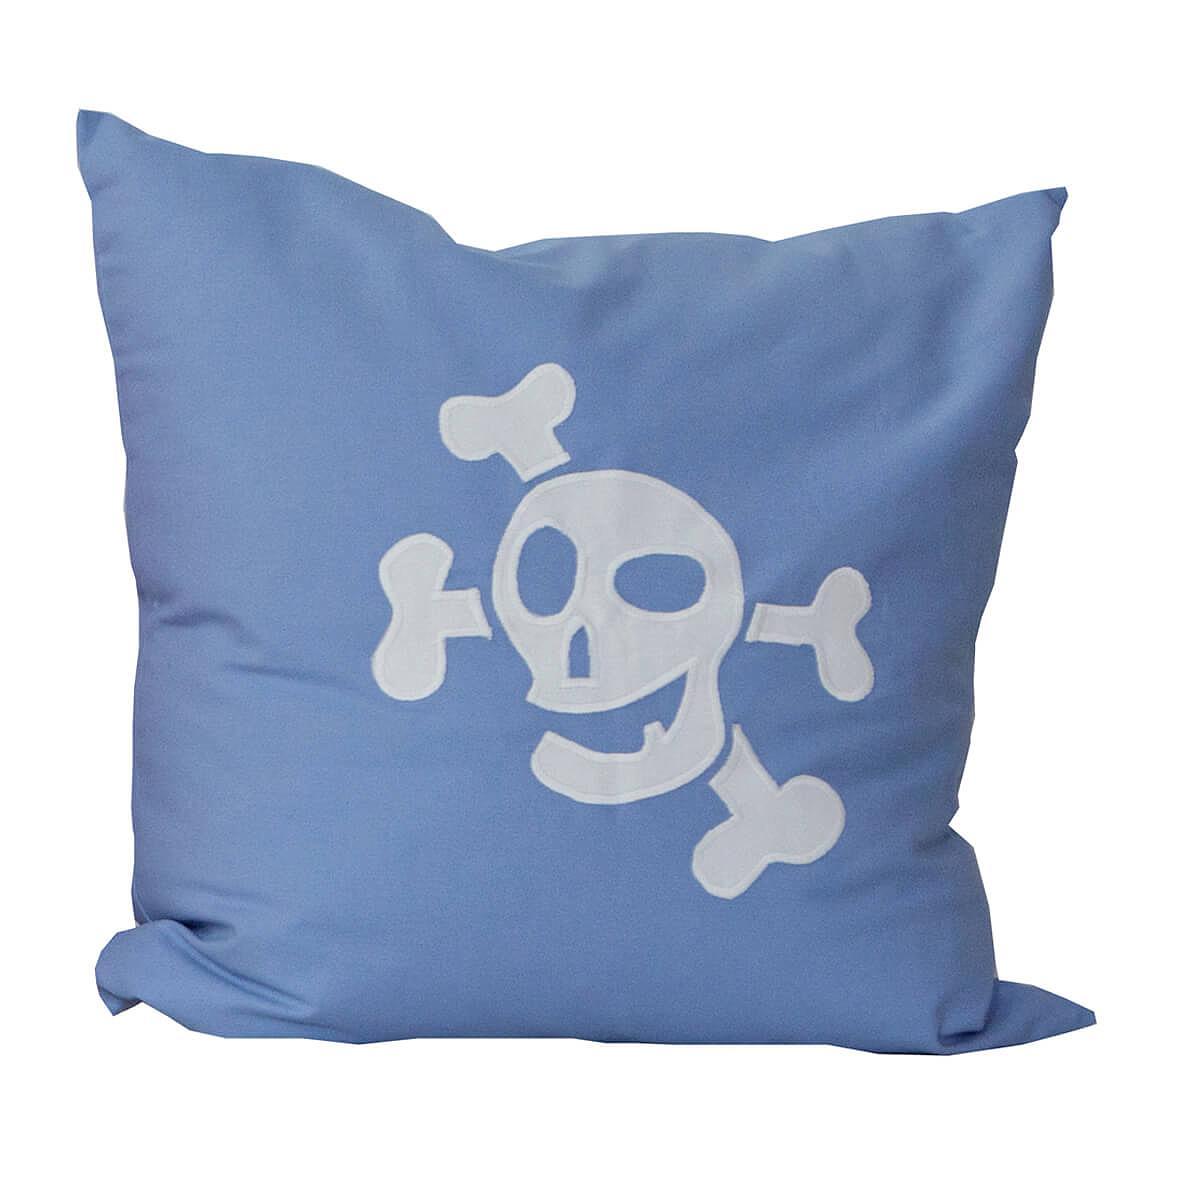 Kissen Pirat 60x60cm DELUXE de Breuyn hellblau